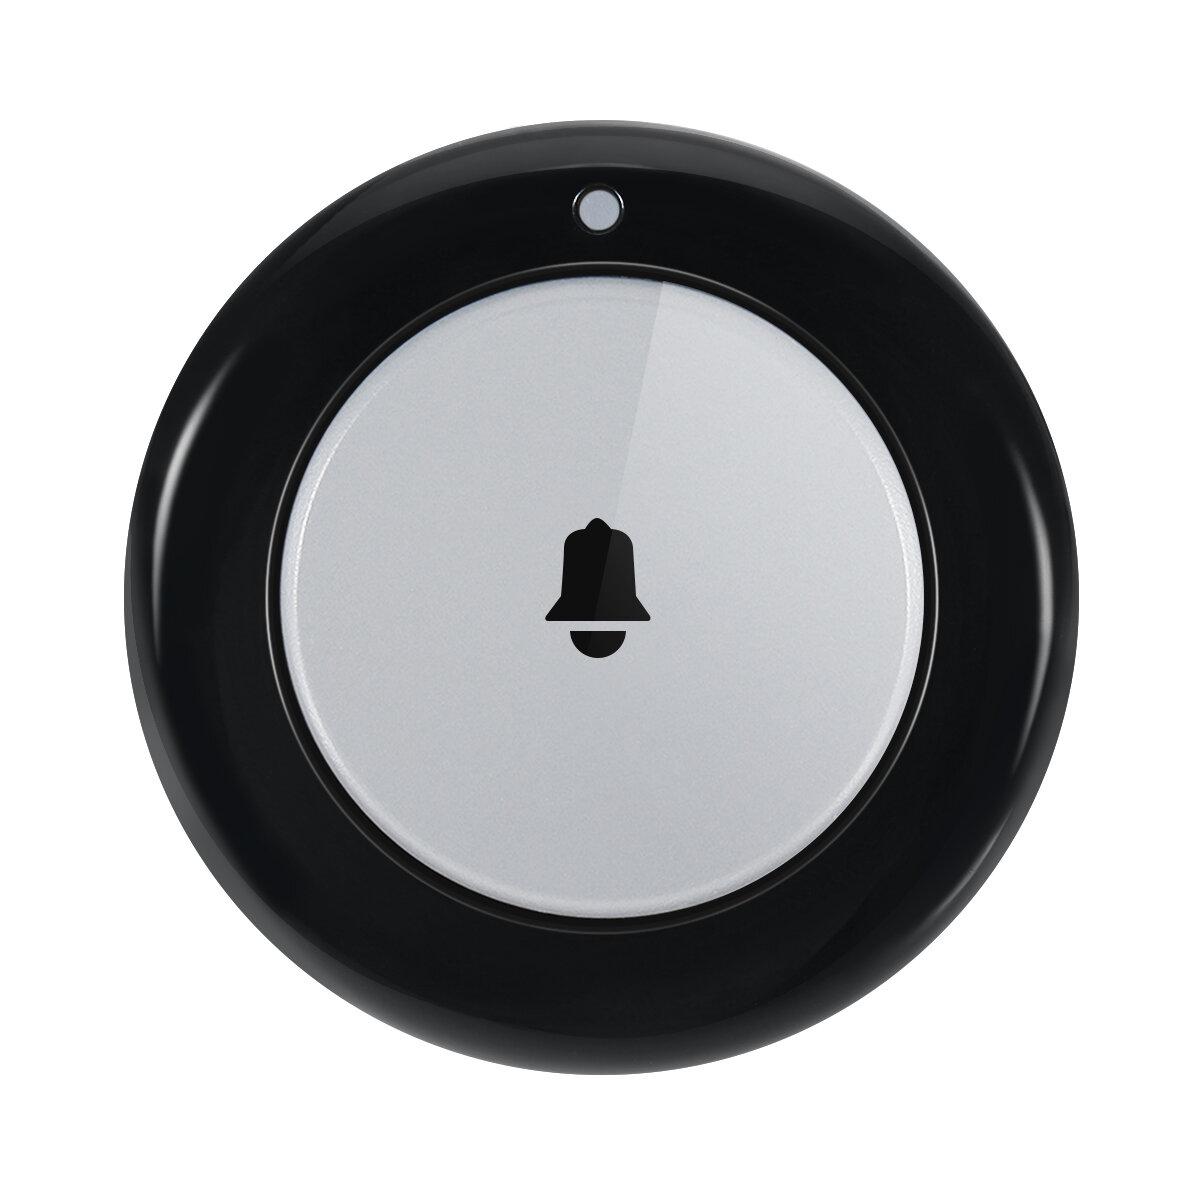 DIGOO DG-HOSA 433MHz Doorbell Button Kompatibel med HOSA MAHA 2G 3G Security Alarm System